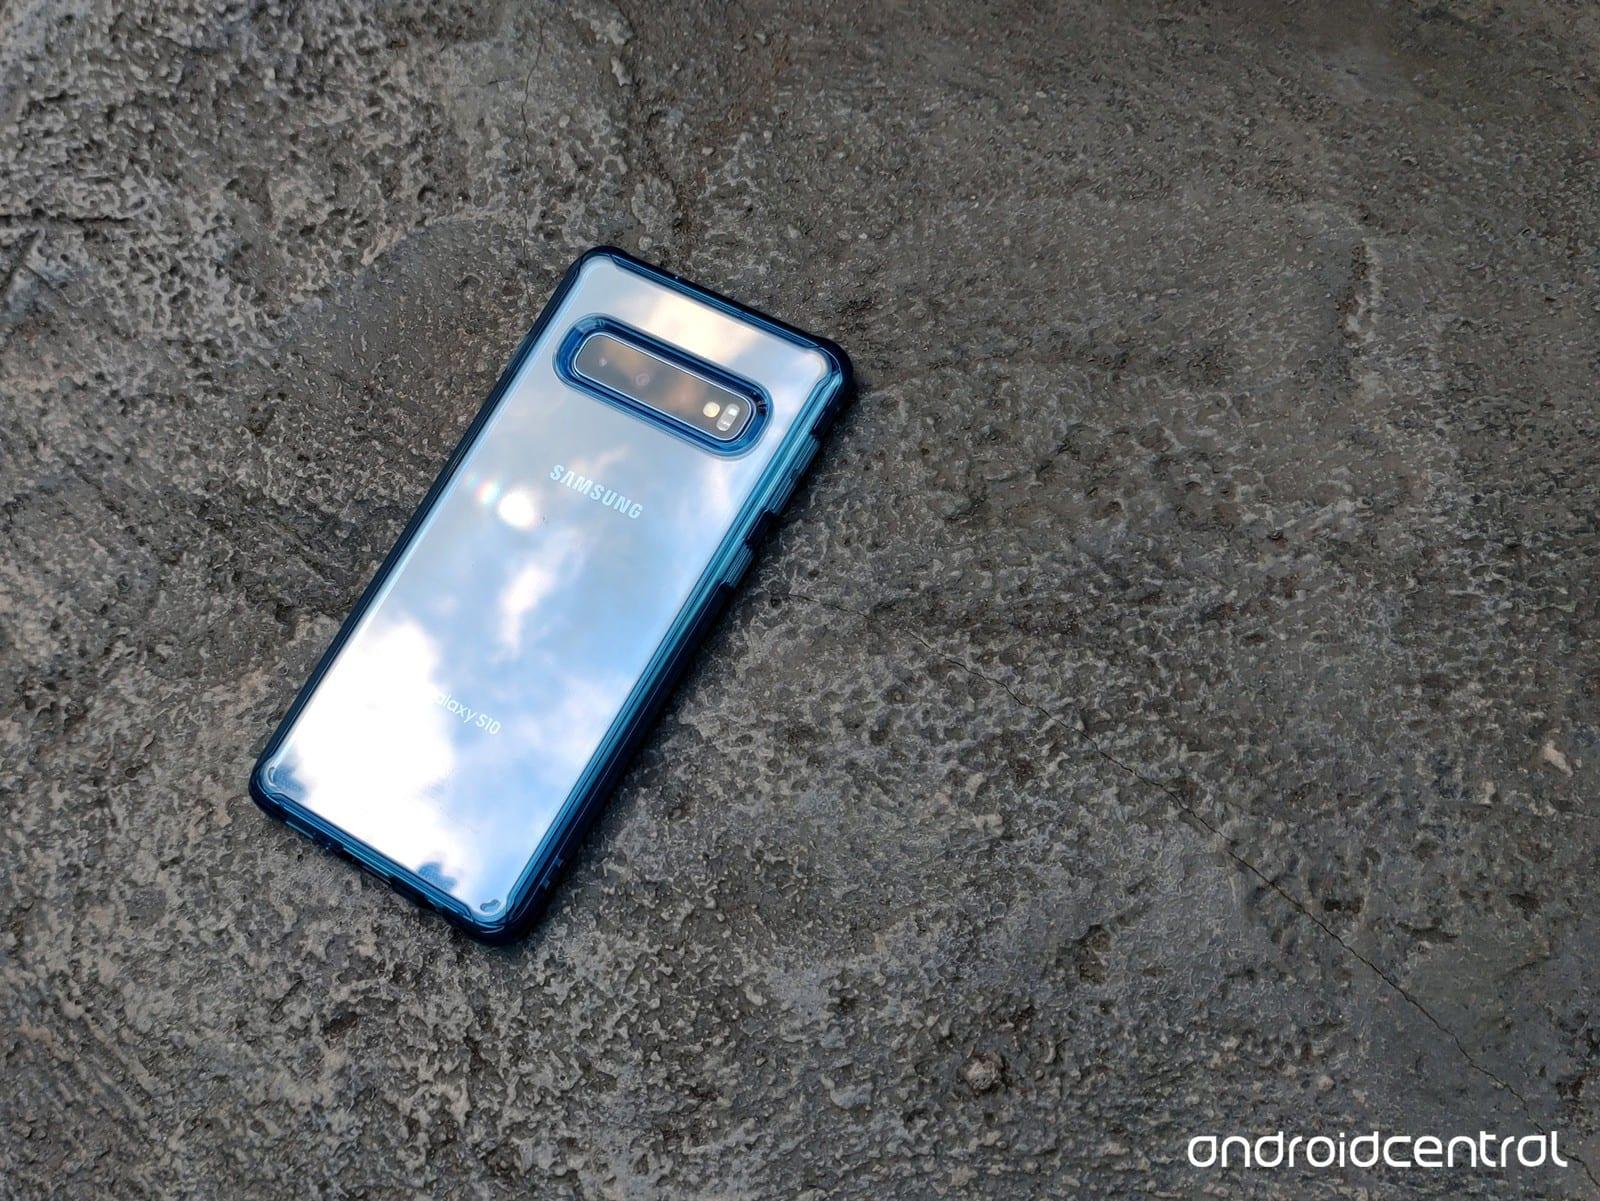 Recenzja: etui Ringke Fusion dla Samsunga Galaxy S10, czyli jak połączyć niezawodną ochronę z piękną estetyką